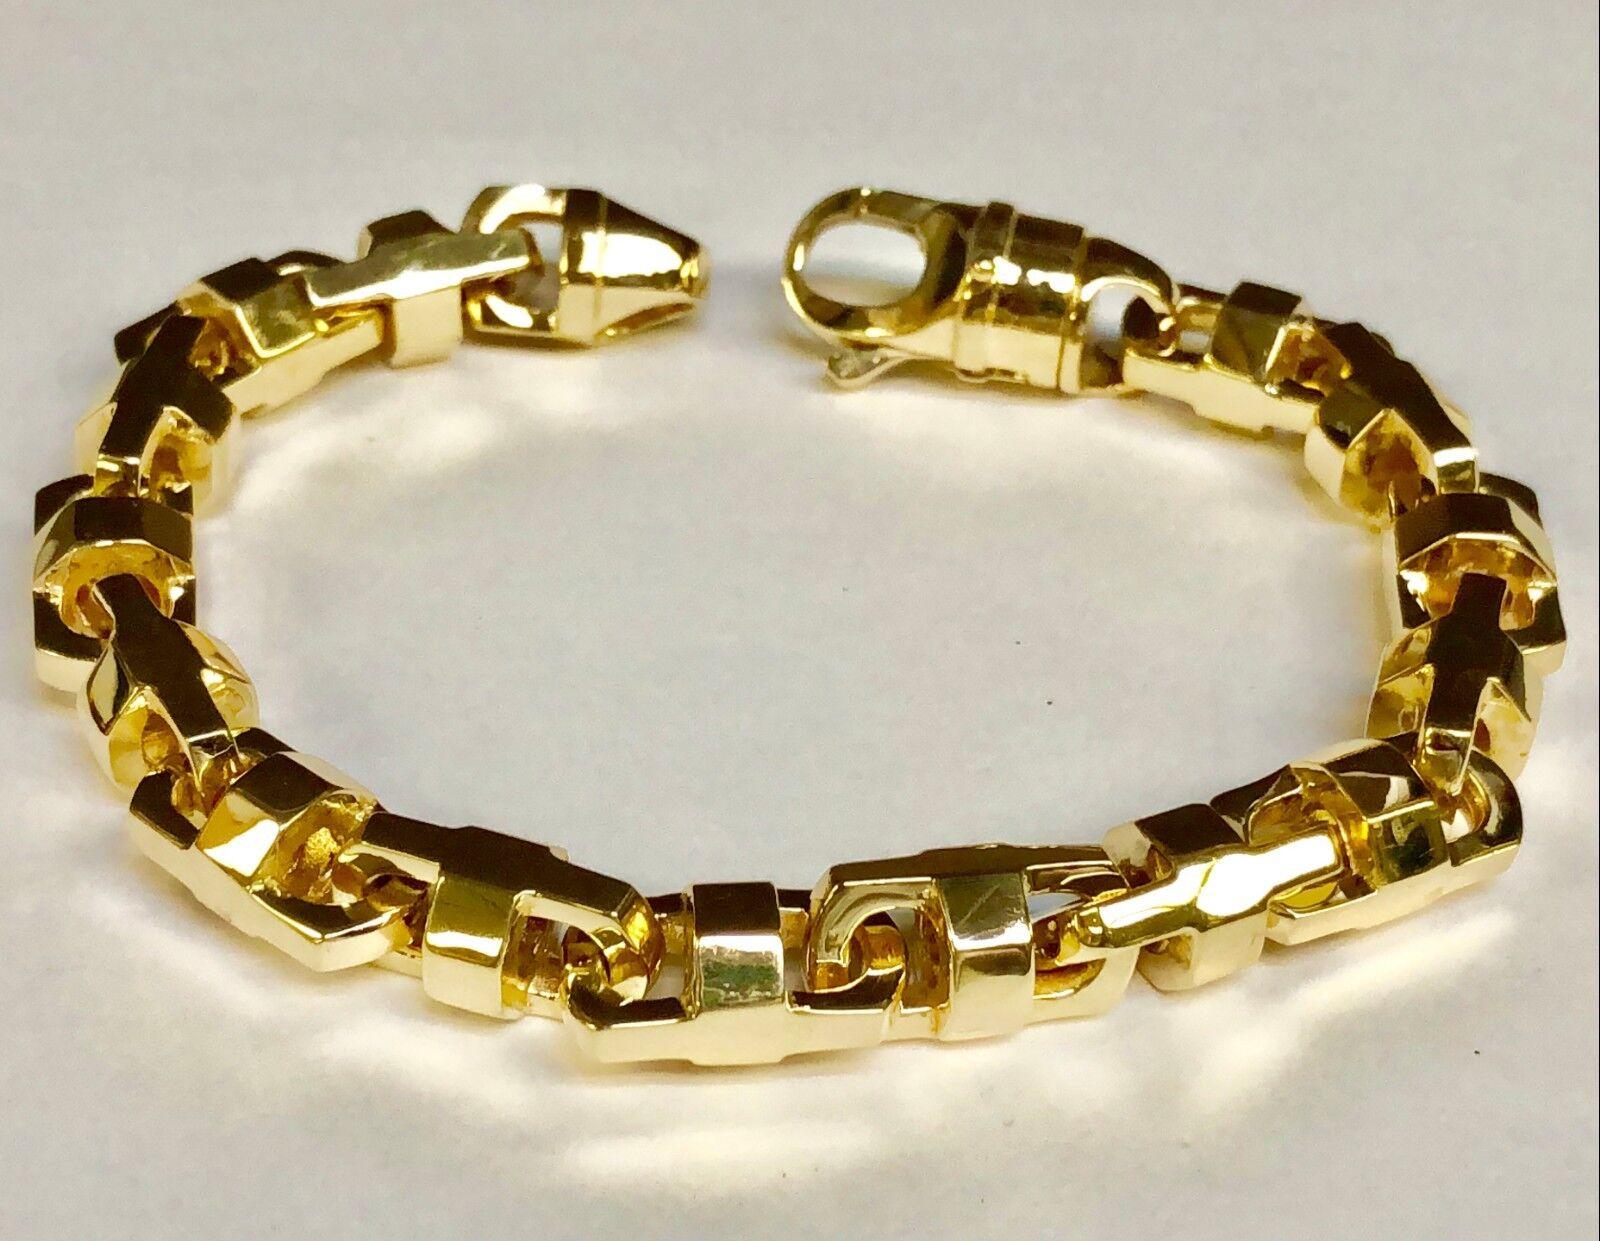 10k Solid Yellow gold Anchor Mariner Bullet Link Bracelet 12 MM 108 grams 9.25